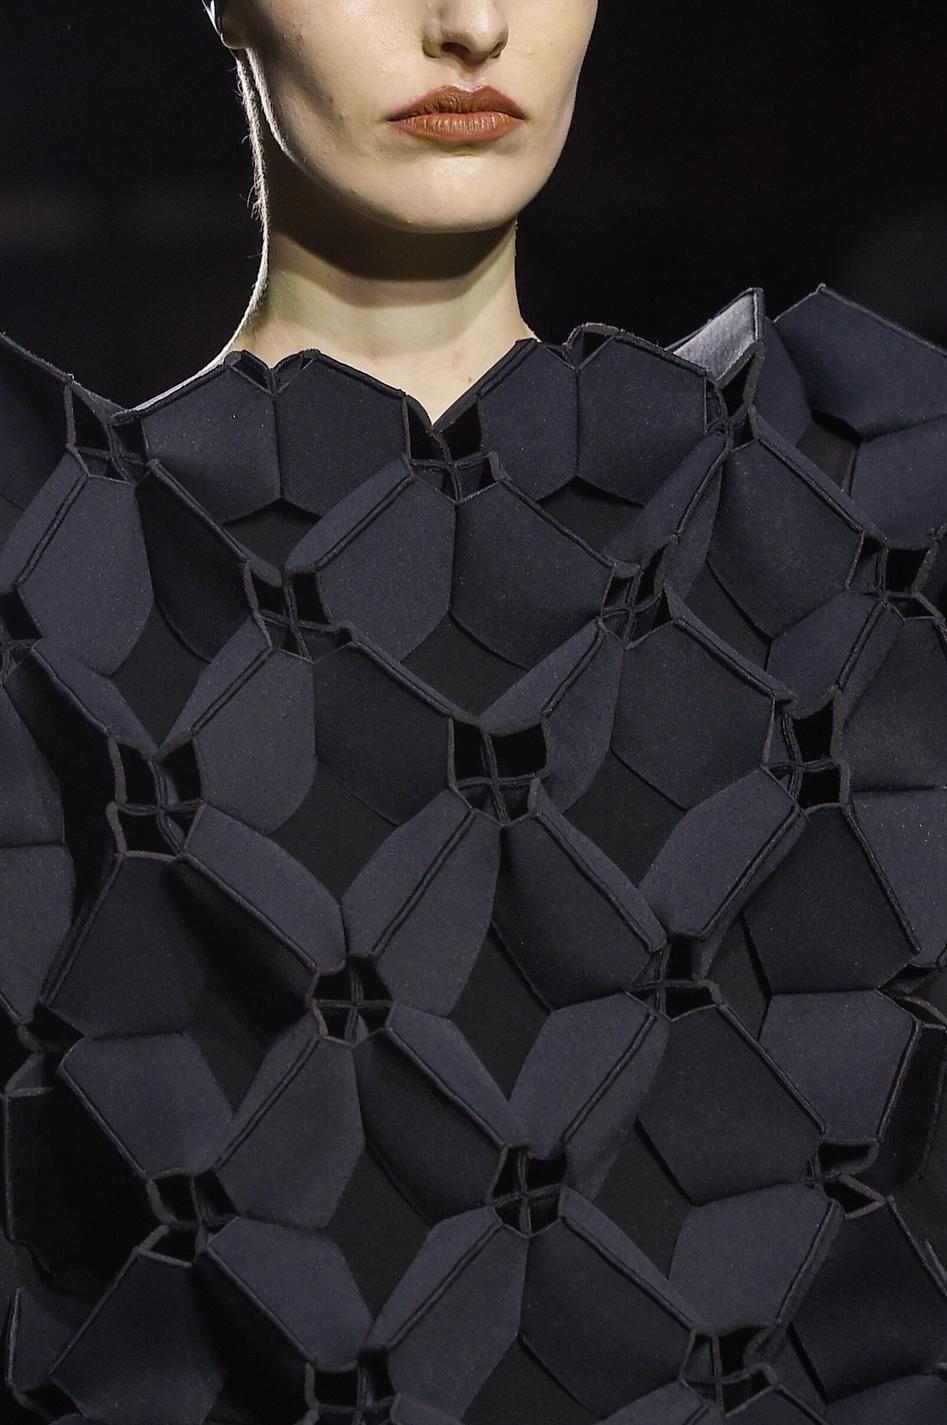 d fil junya watanabe automne hiver 2016 2017 pr t porter wearable mode n opr ne mode. Black Bedroom Furniture Sets. Home Design Ideas